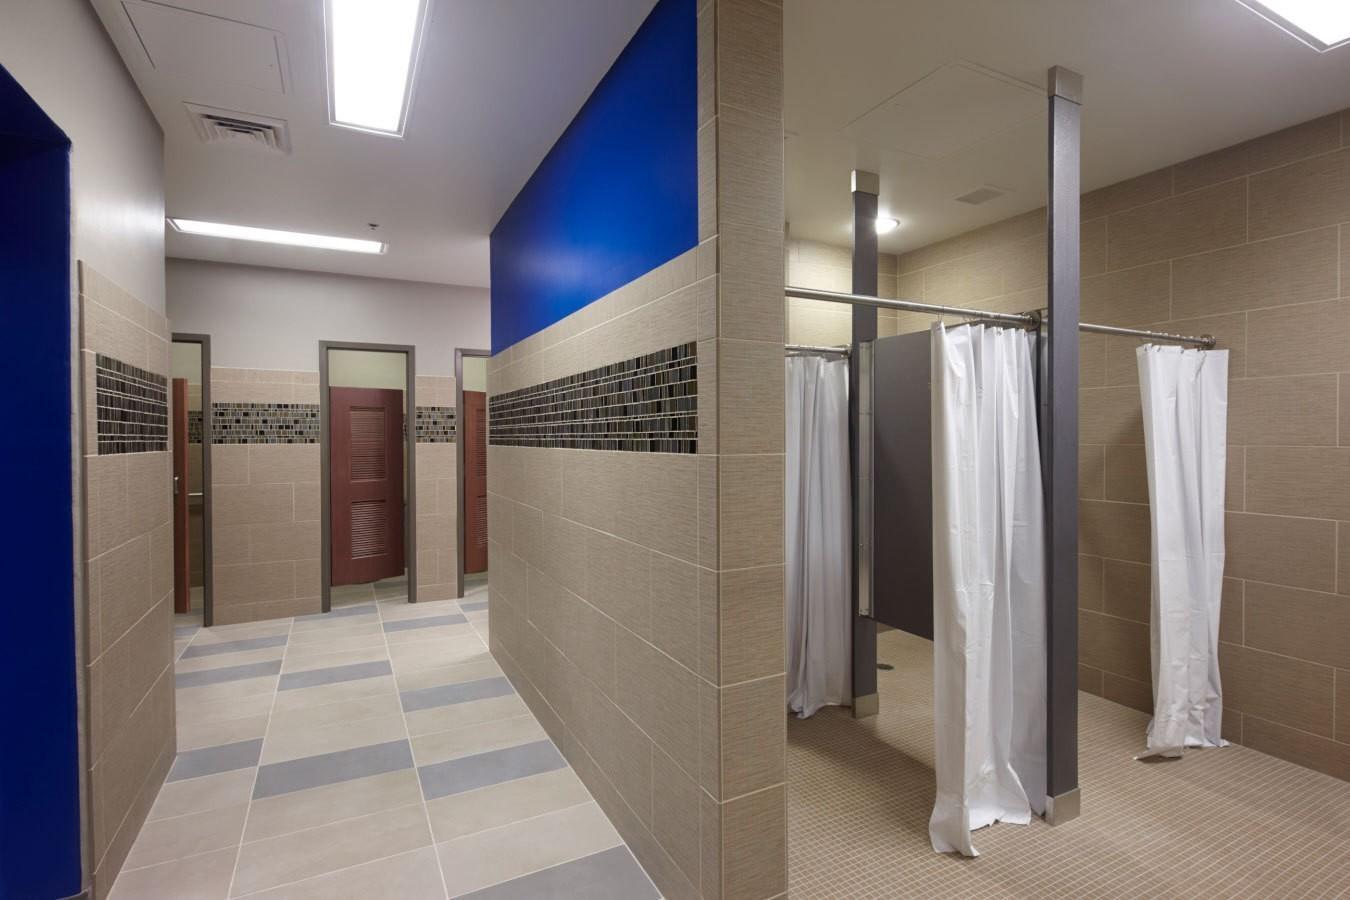 university-of-kentucky-bell-soccer-complex-shower-space